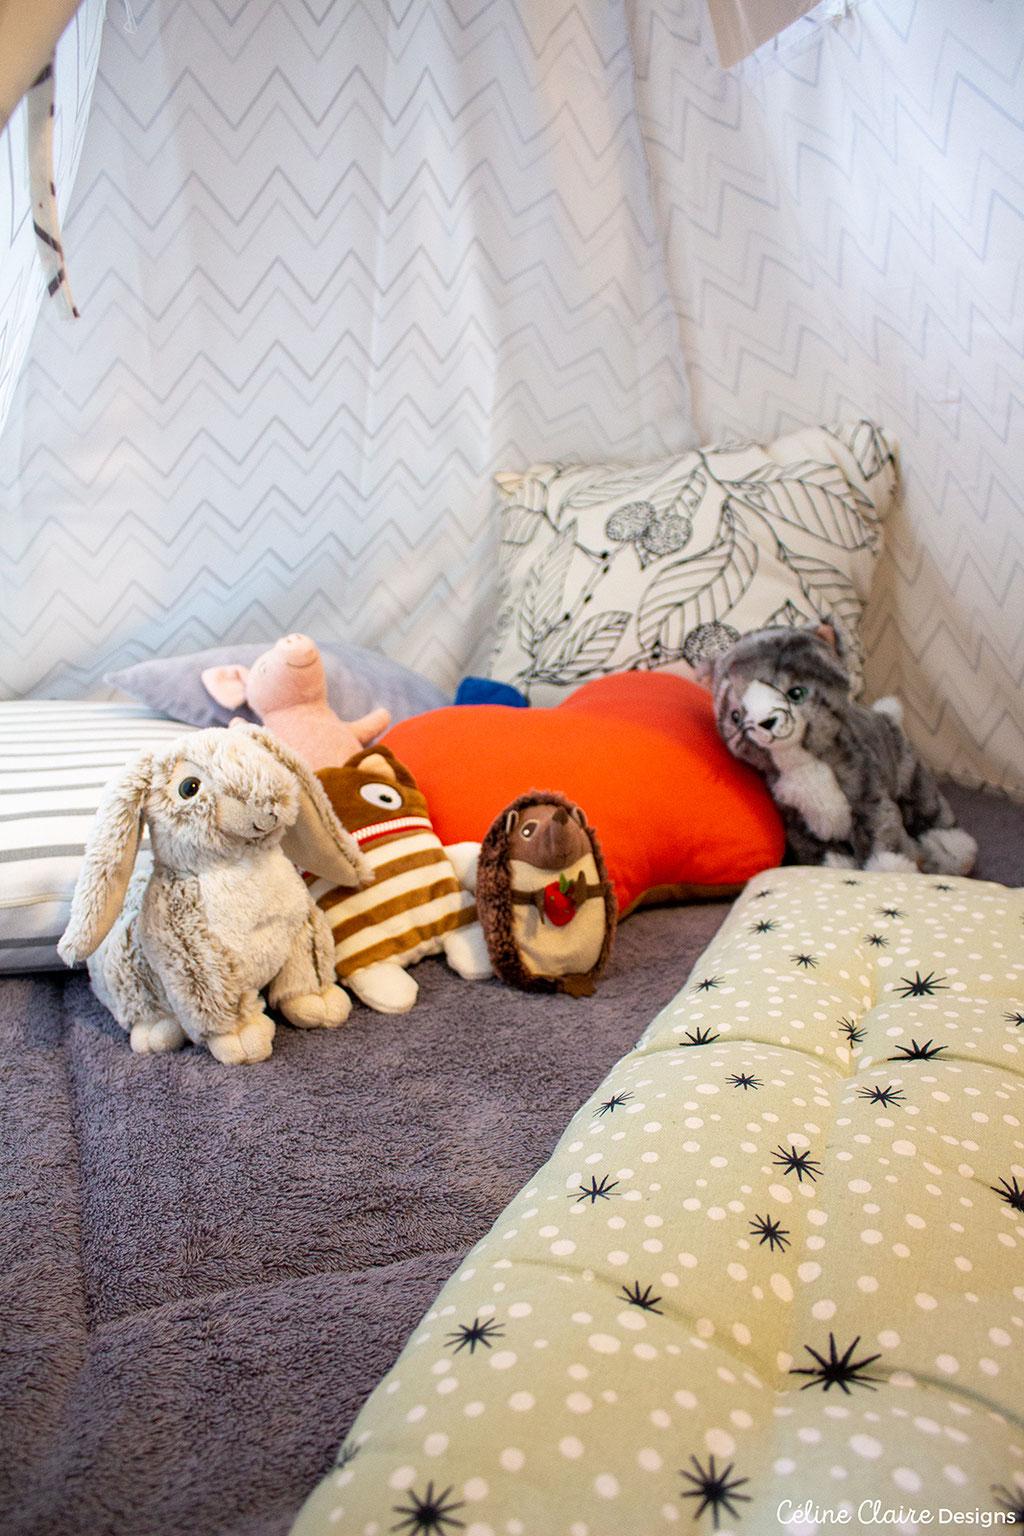 Spielematte: Hutch&Putch; Bodenmatratze: Depot; Polster (Streifen und Blätter) Hase, Igel, Katze und Schwein: Ikea; Sorgenfresser: Geschenk; Sternpolster: Ernsting's Family; Apfel: H&M